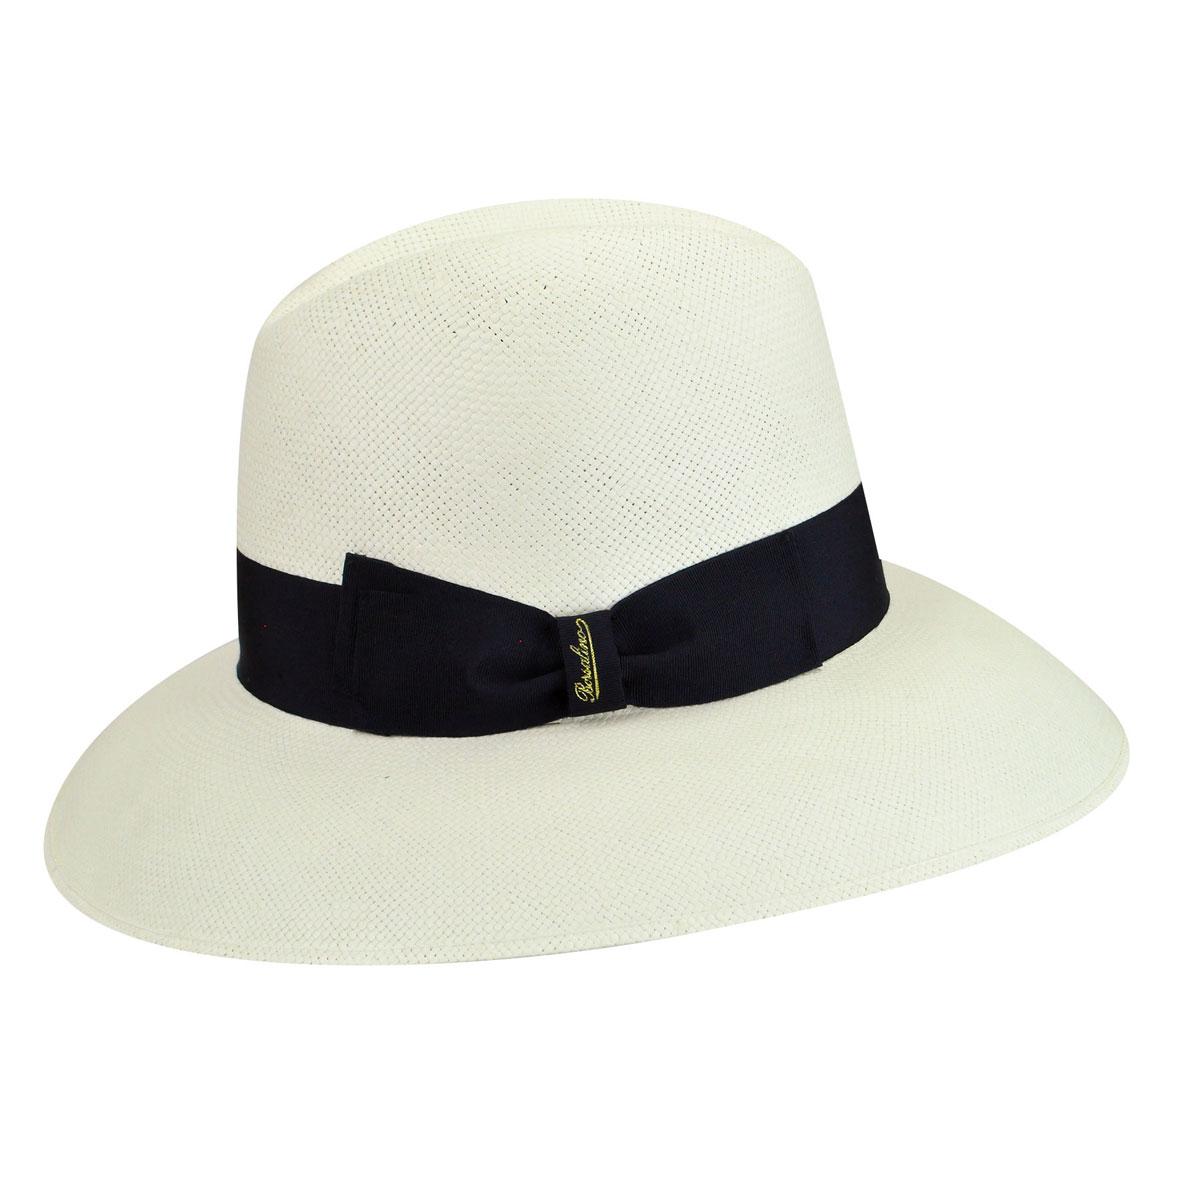 Edwardian Hats, Titanic Hats, Tea Party Hats 232050 Claudette Extra Fine Paper Straw Wide Brim Hat $260.00 AT vintagedancer.com